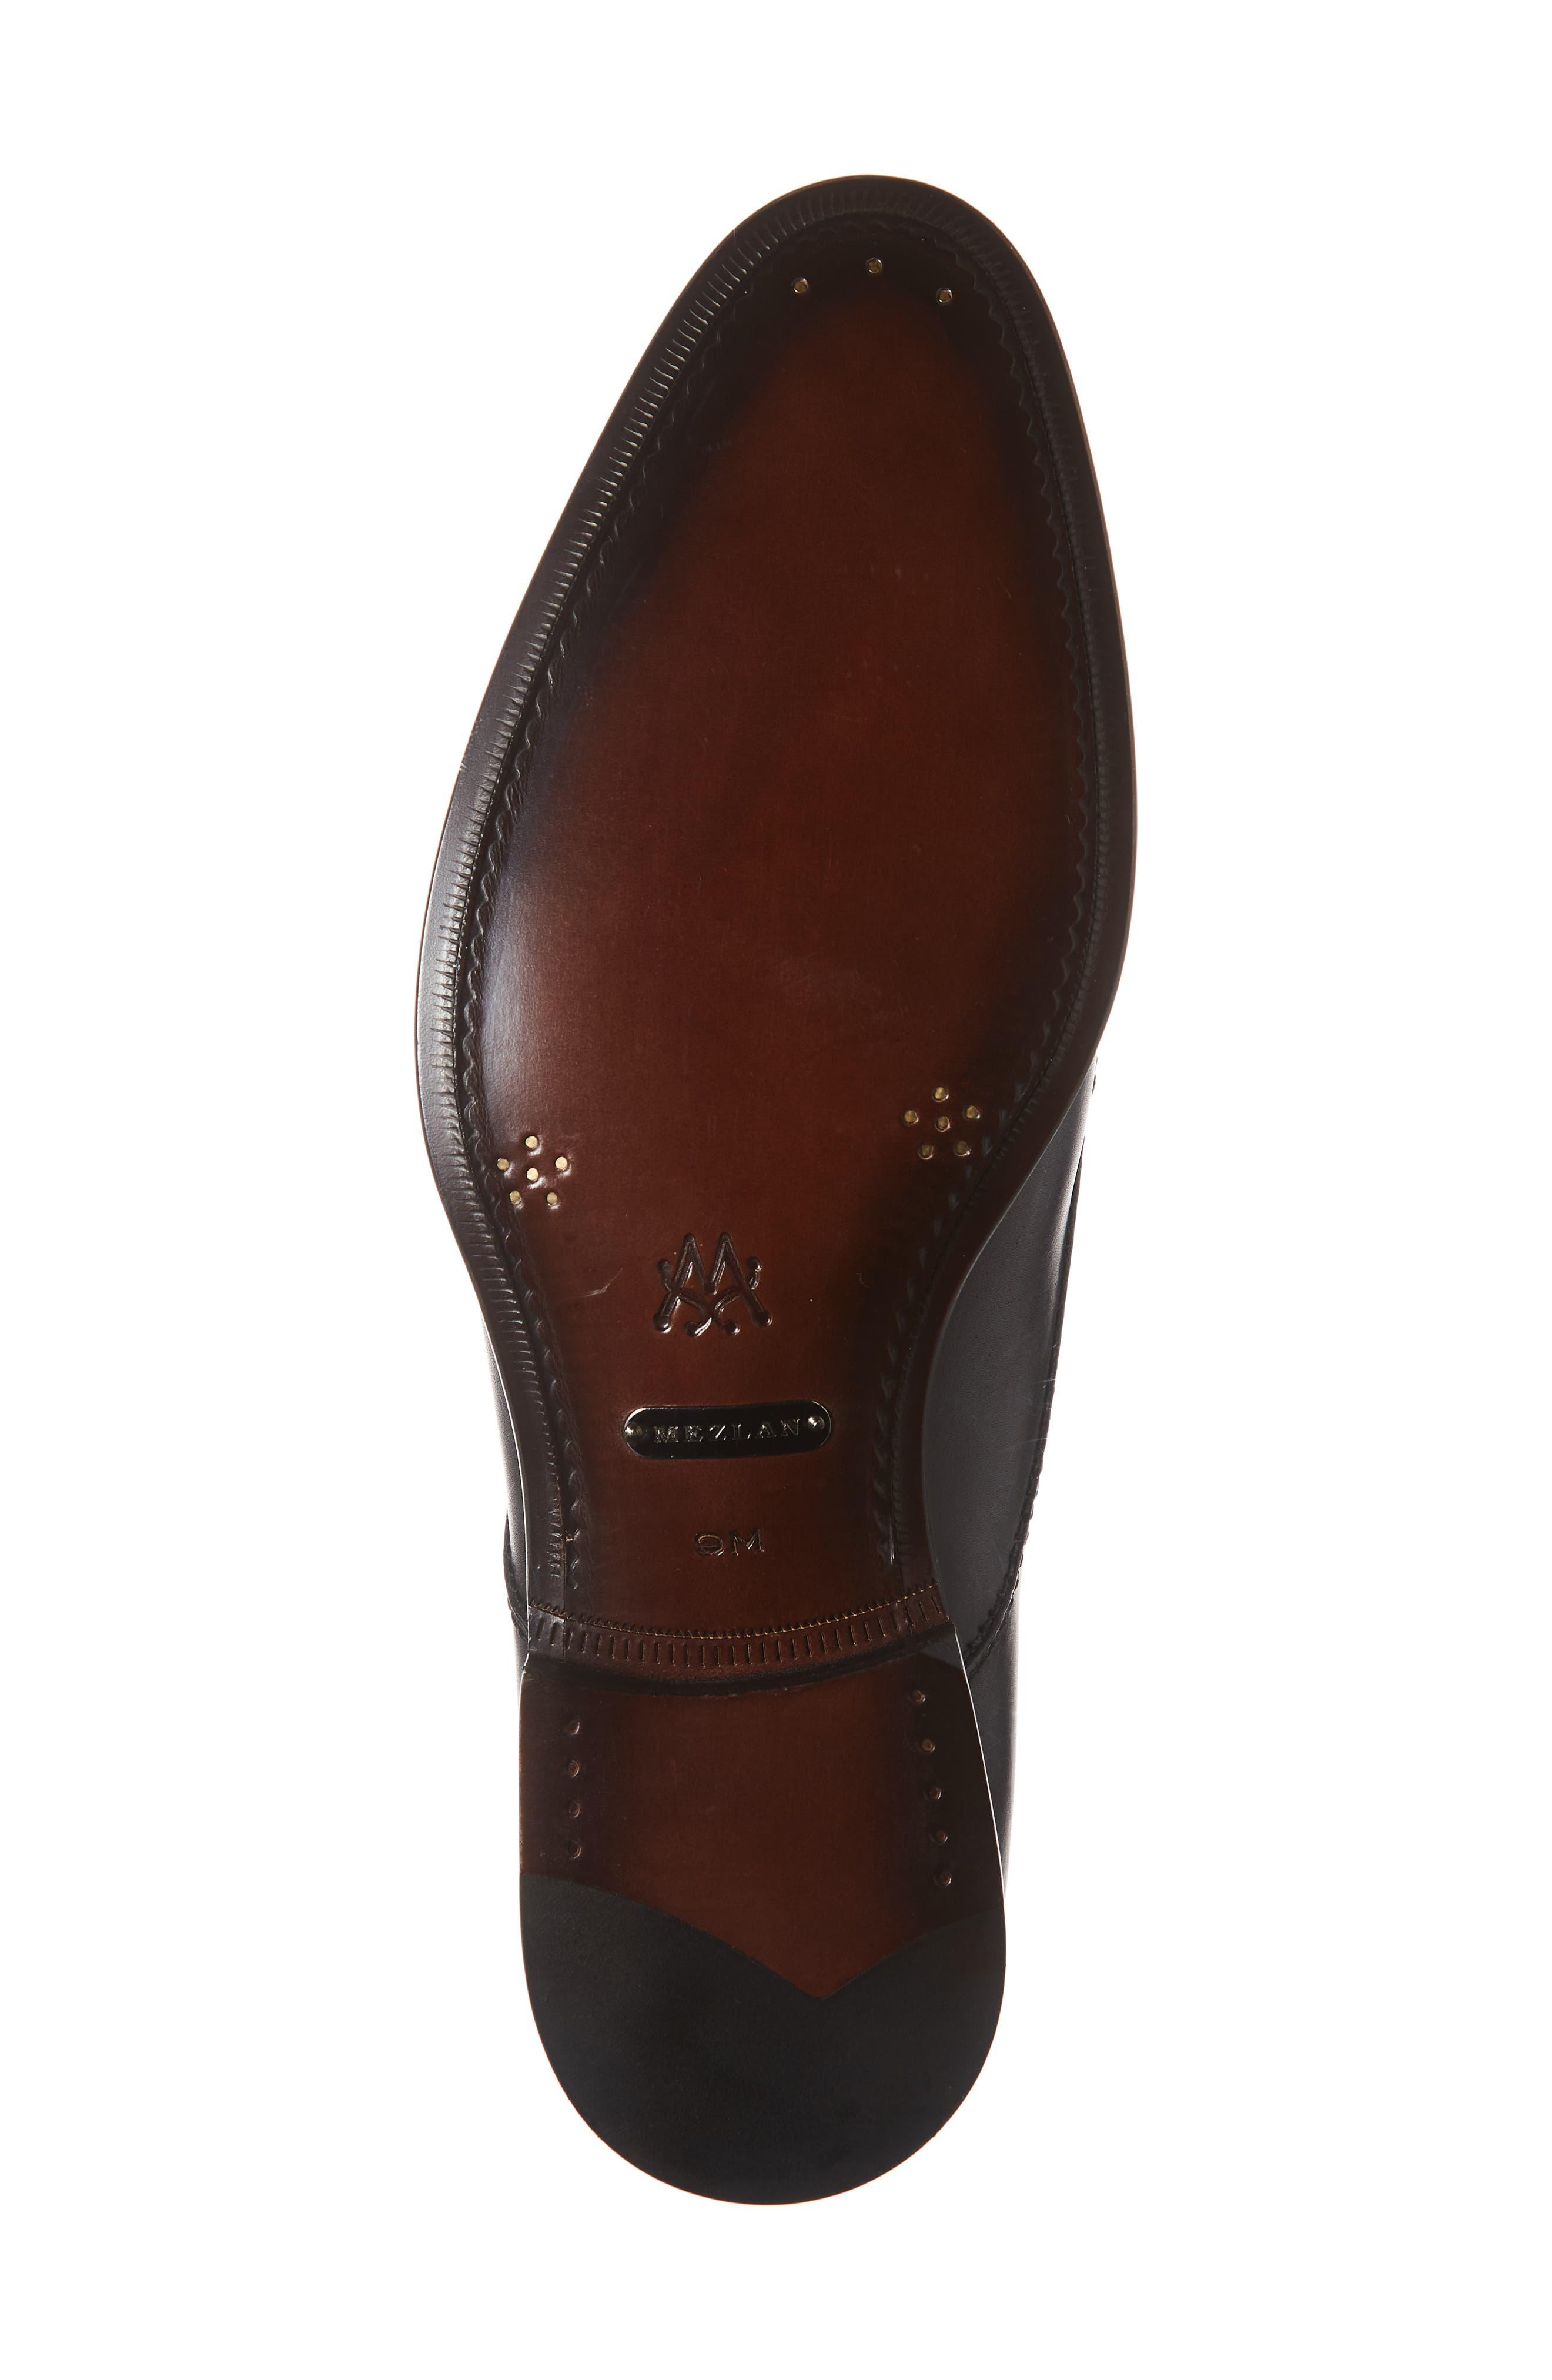 Acosta Double Strap Cap Toe Monk Shoe,                             Alternate thumbnail 6, color,                             BLACK LEATHER